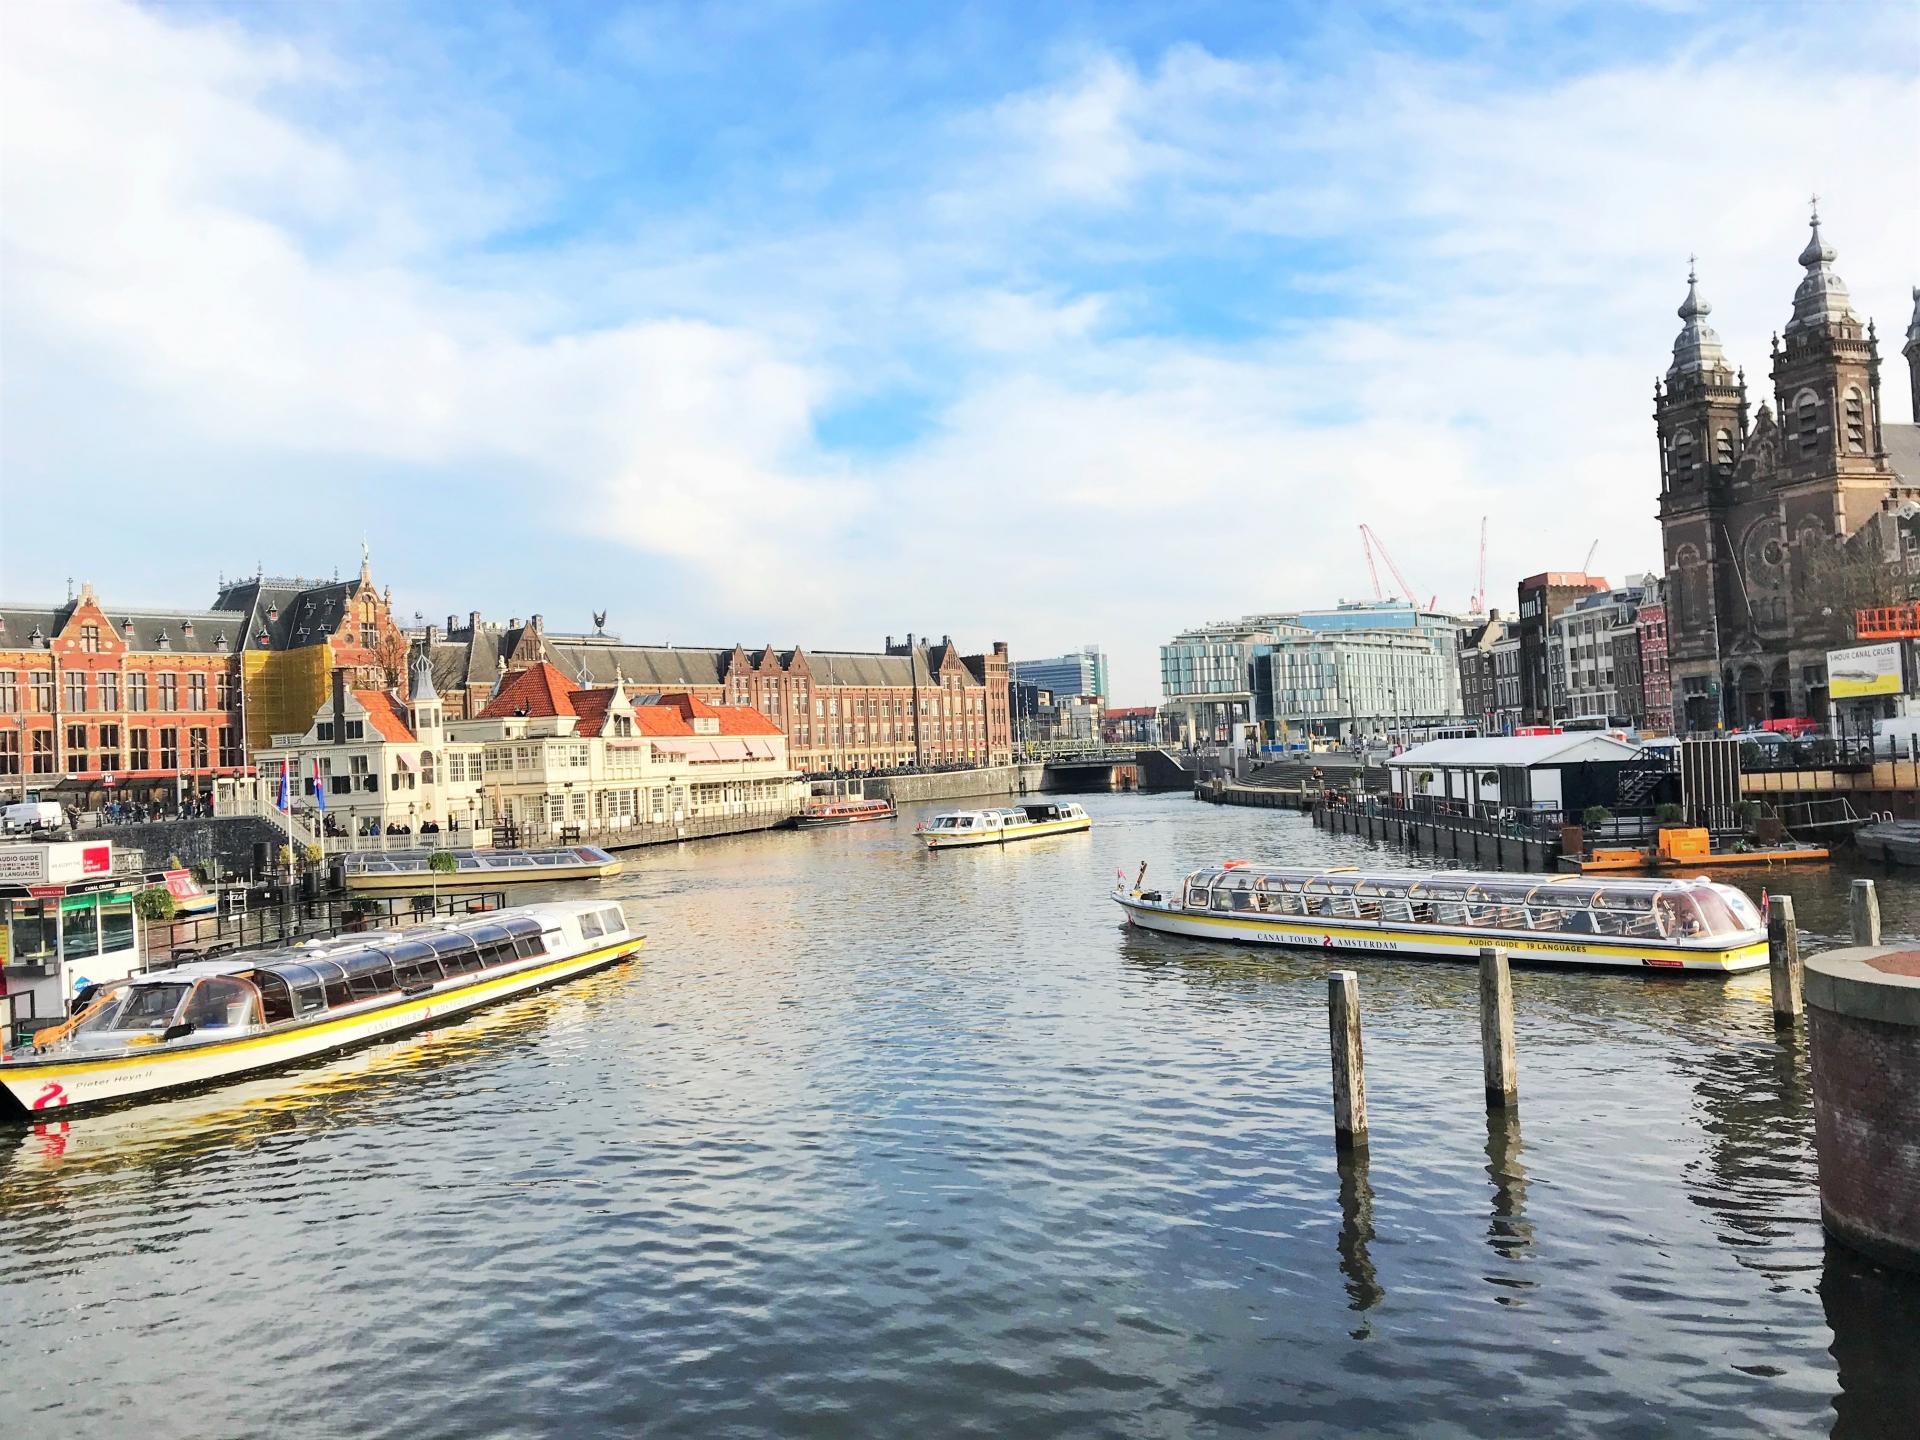 オランダに移住するには?条件や費用・仕事探しについて詳しくチェック!